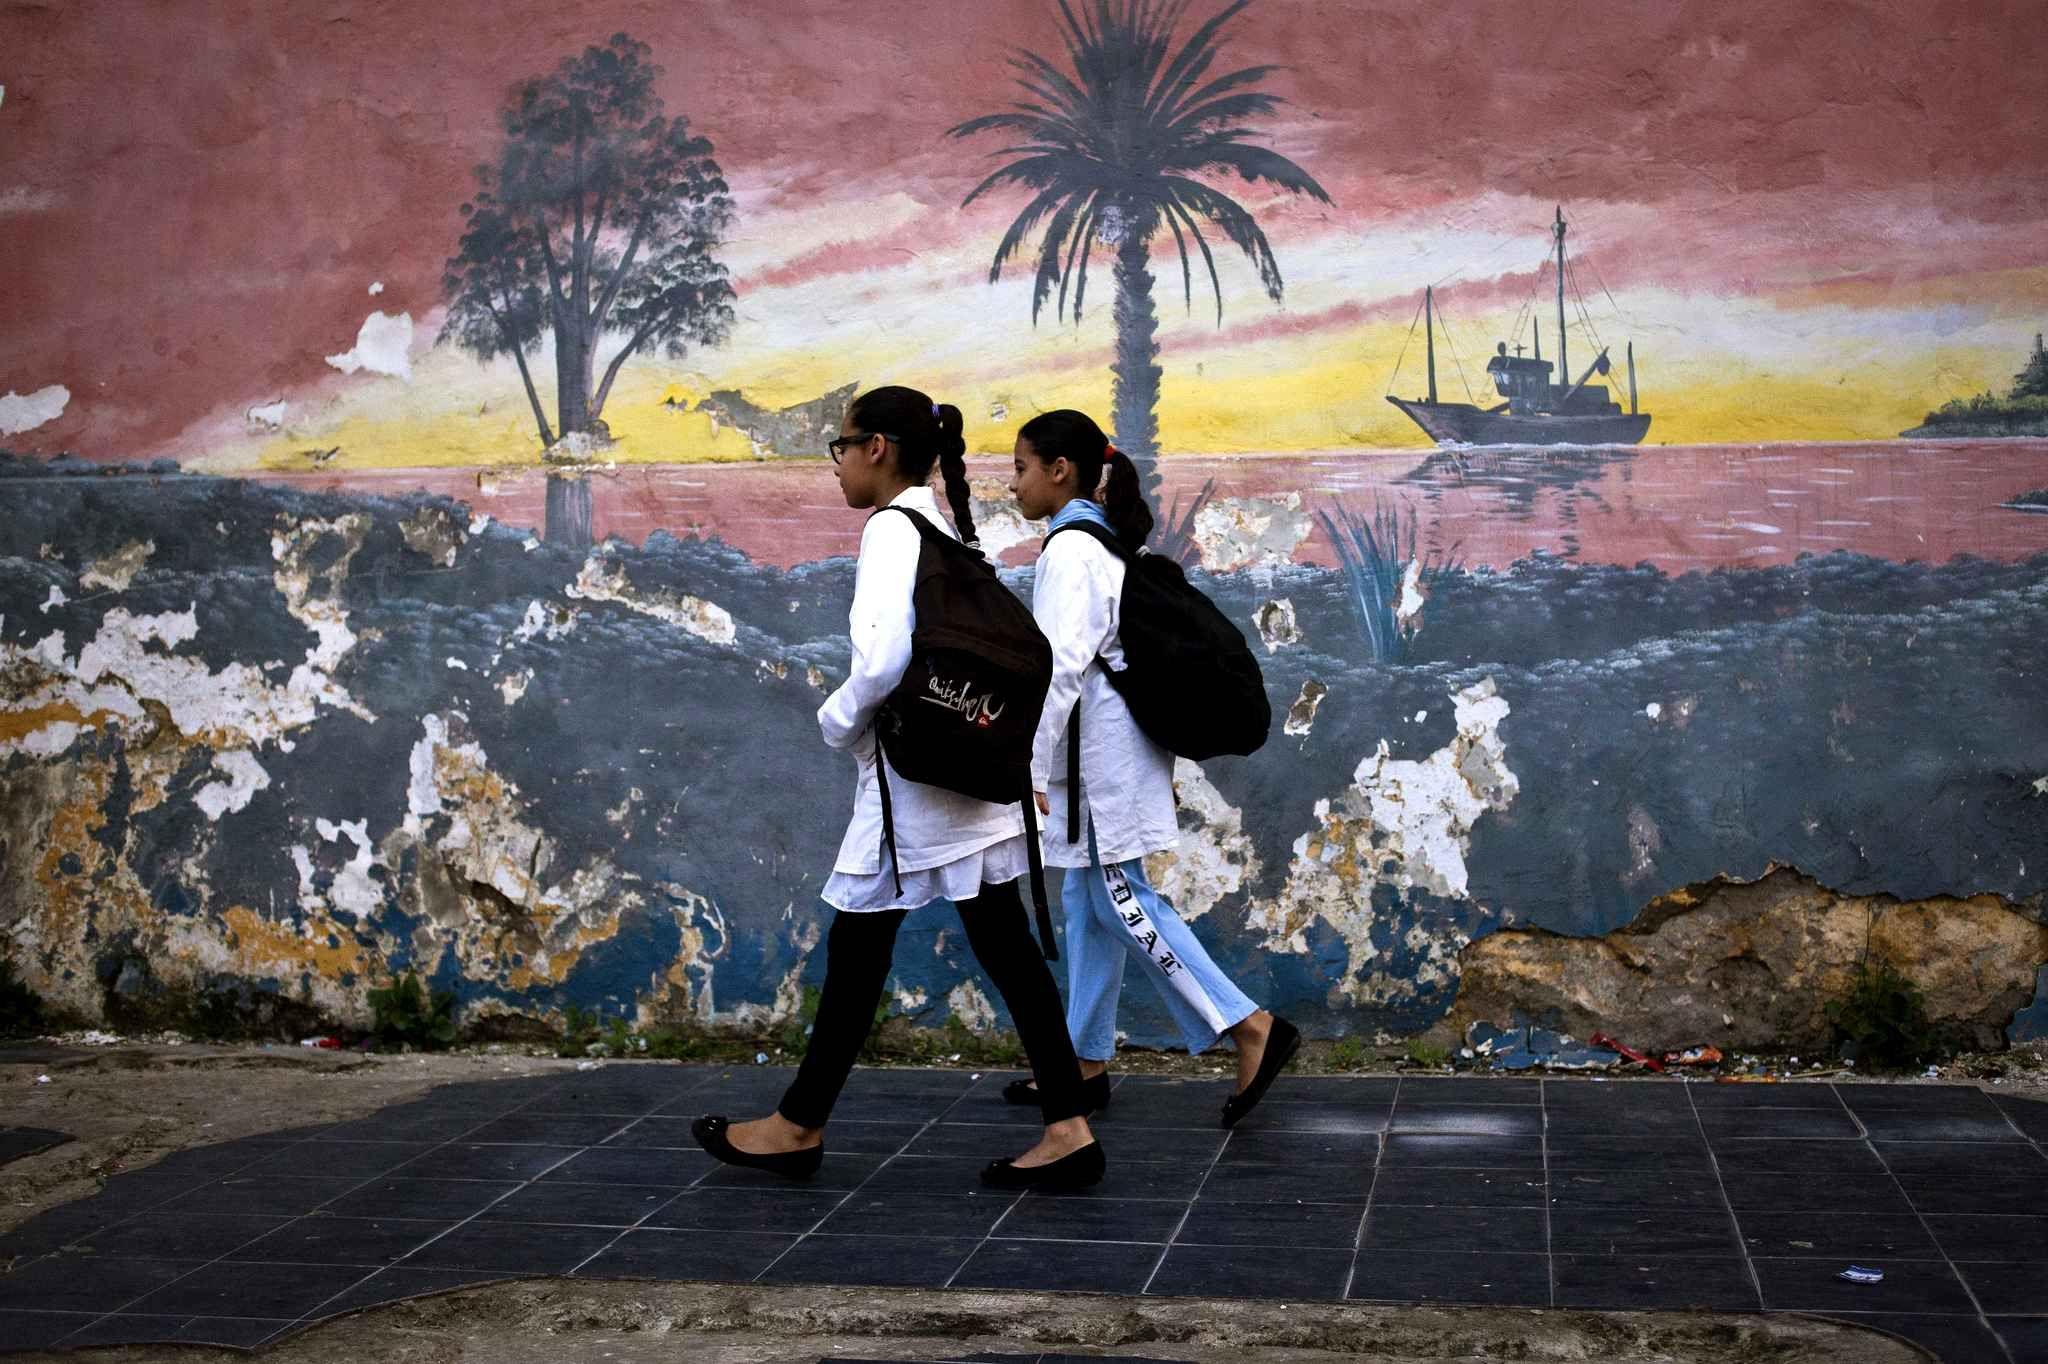 Les deux soeurs jumelles, Hassna et Ihssan, vivent à Casablanca, au Maroc. Elles sontaccompagnéespar leur frère sur une partie du trajet e...